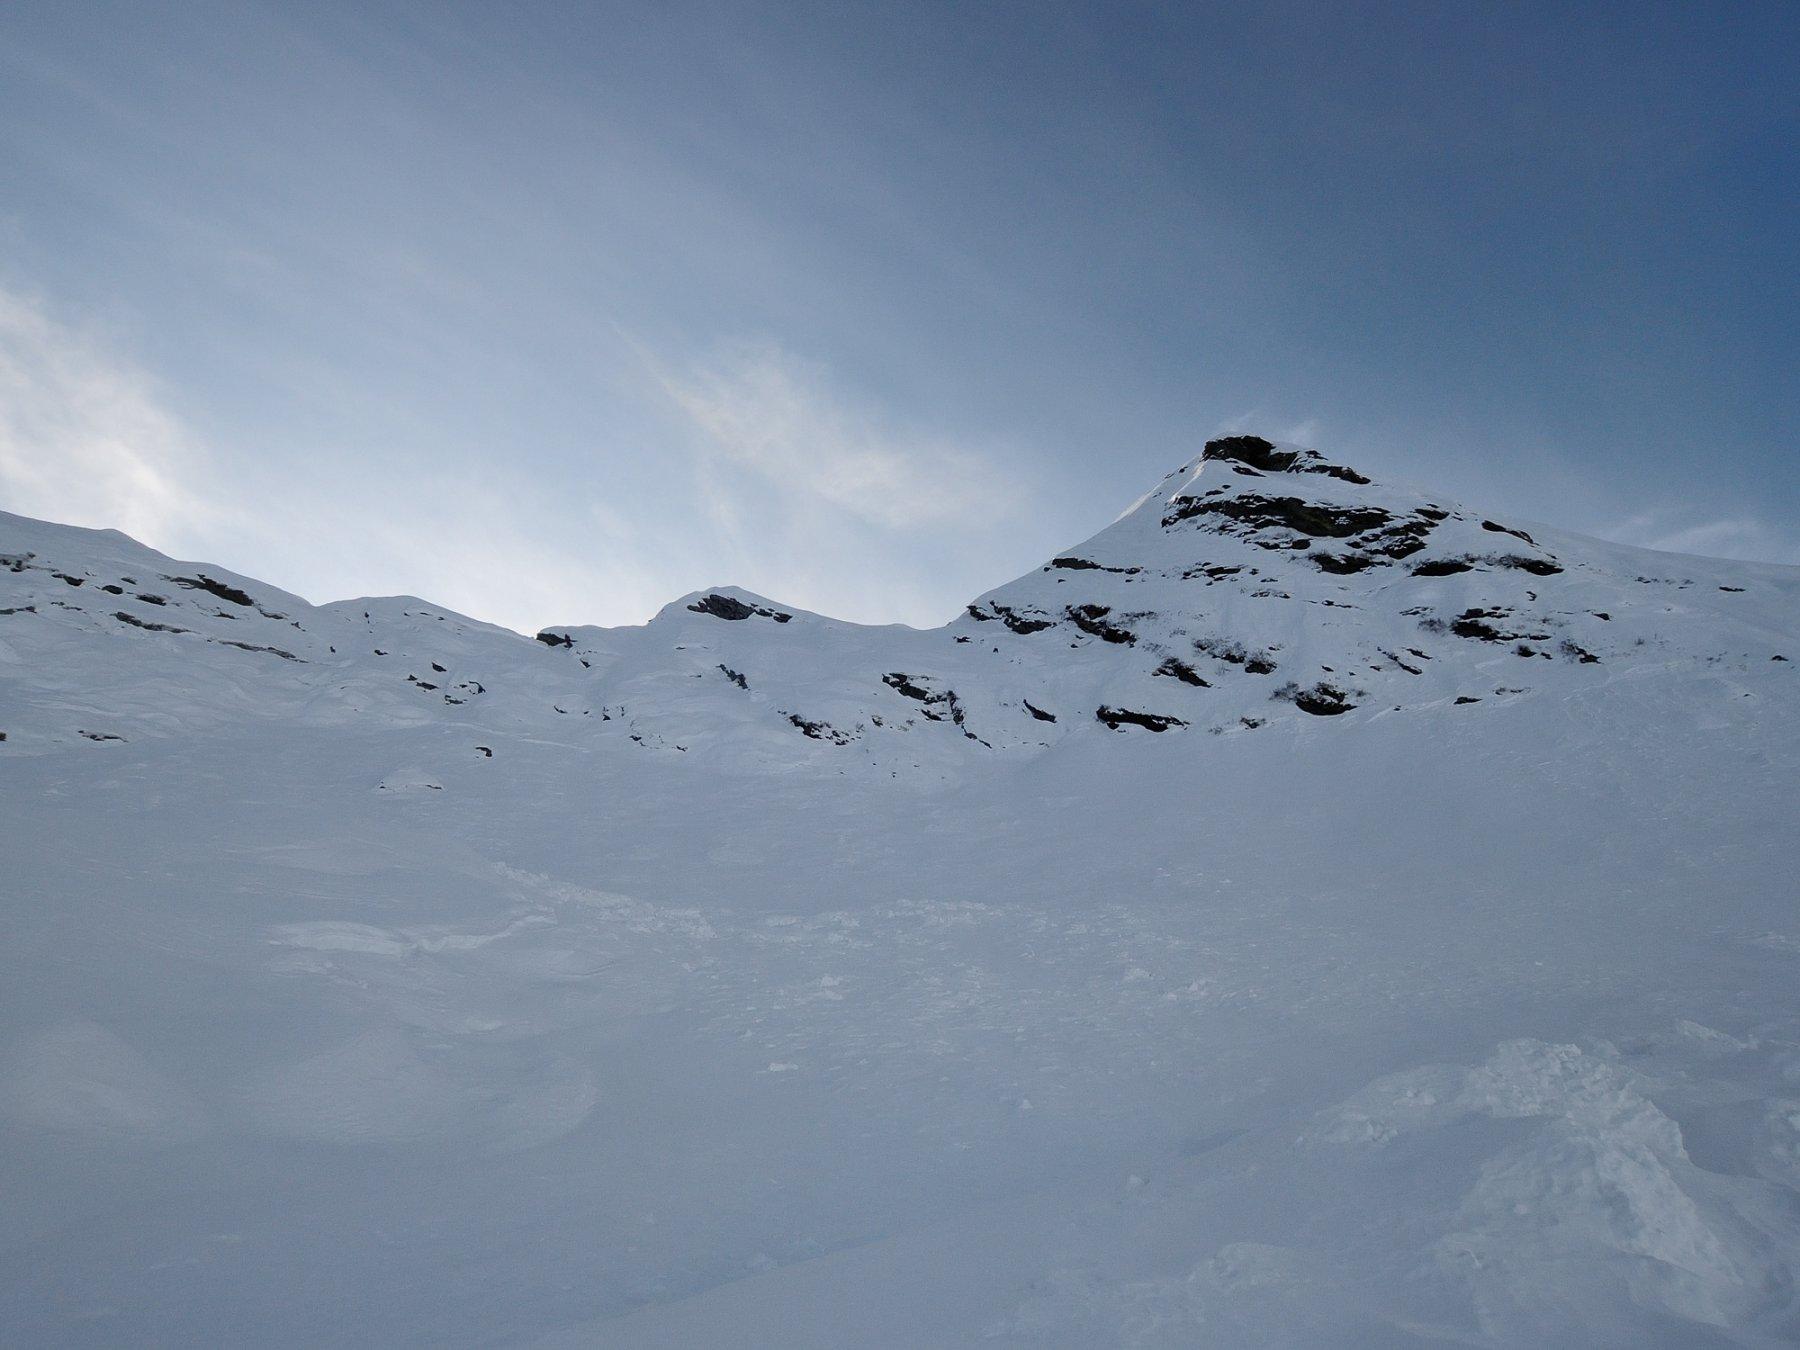 DSCN6617 Scaricamenti sotto la cresta Est della Laurasca